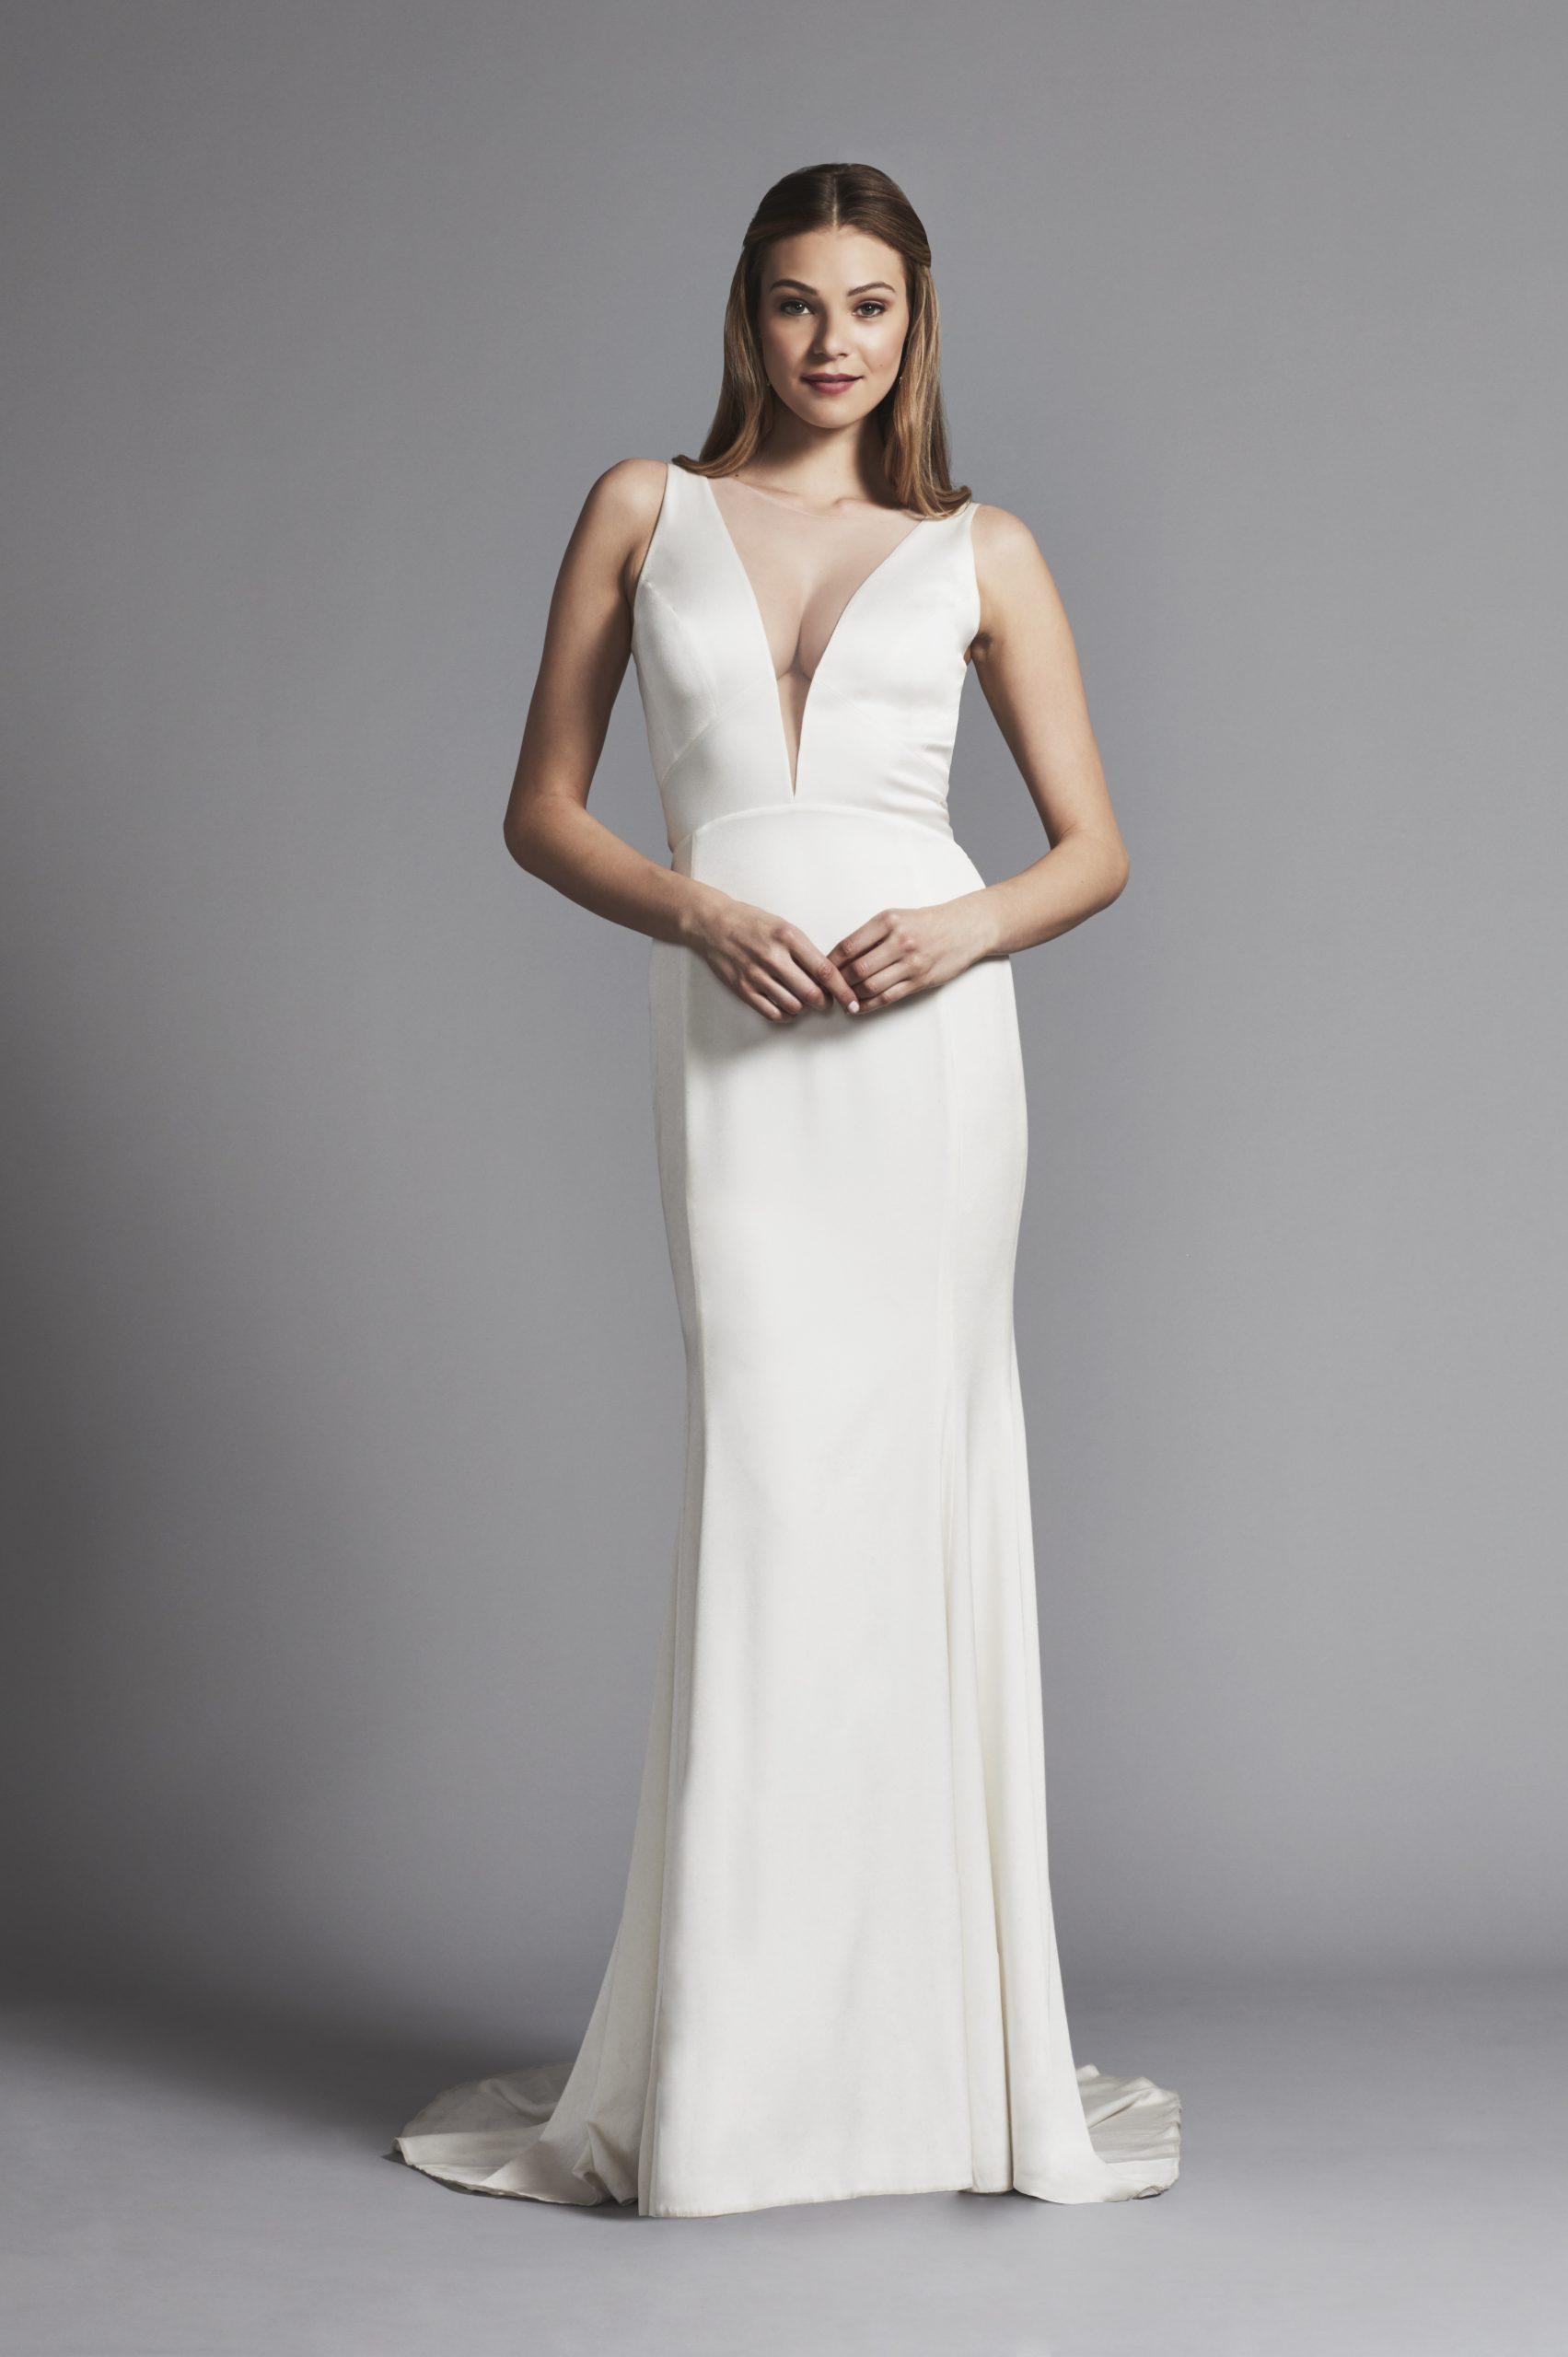 Deep V Neck Sleek Sheath Sleeveless Wedding Dress Kleinfeld Bridal